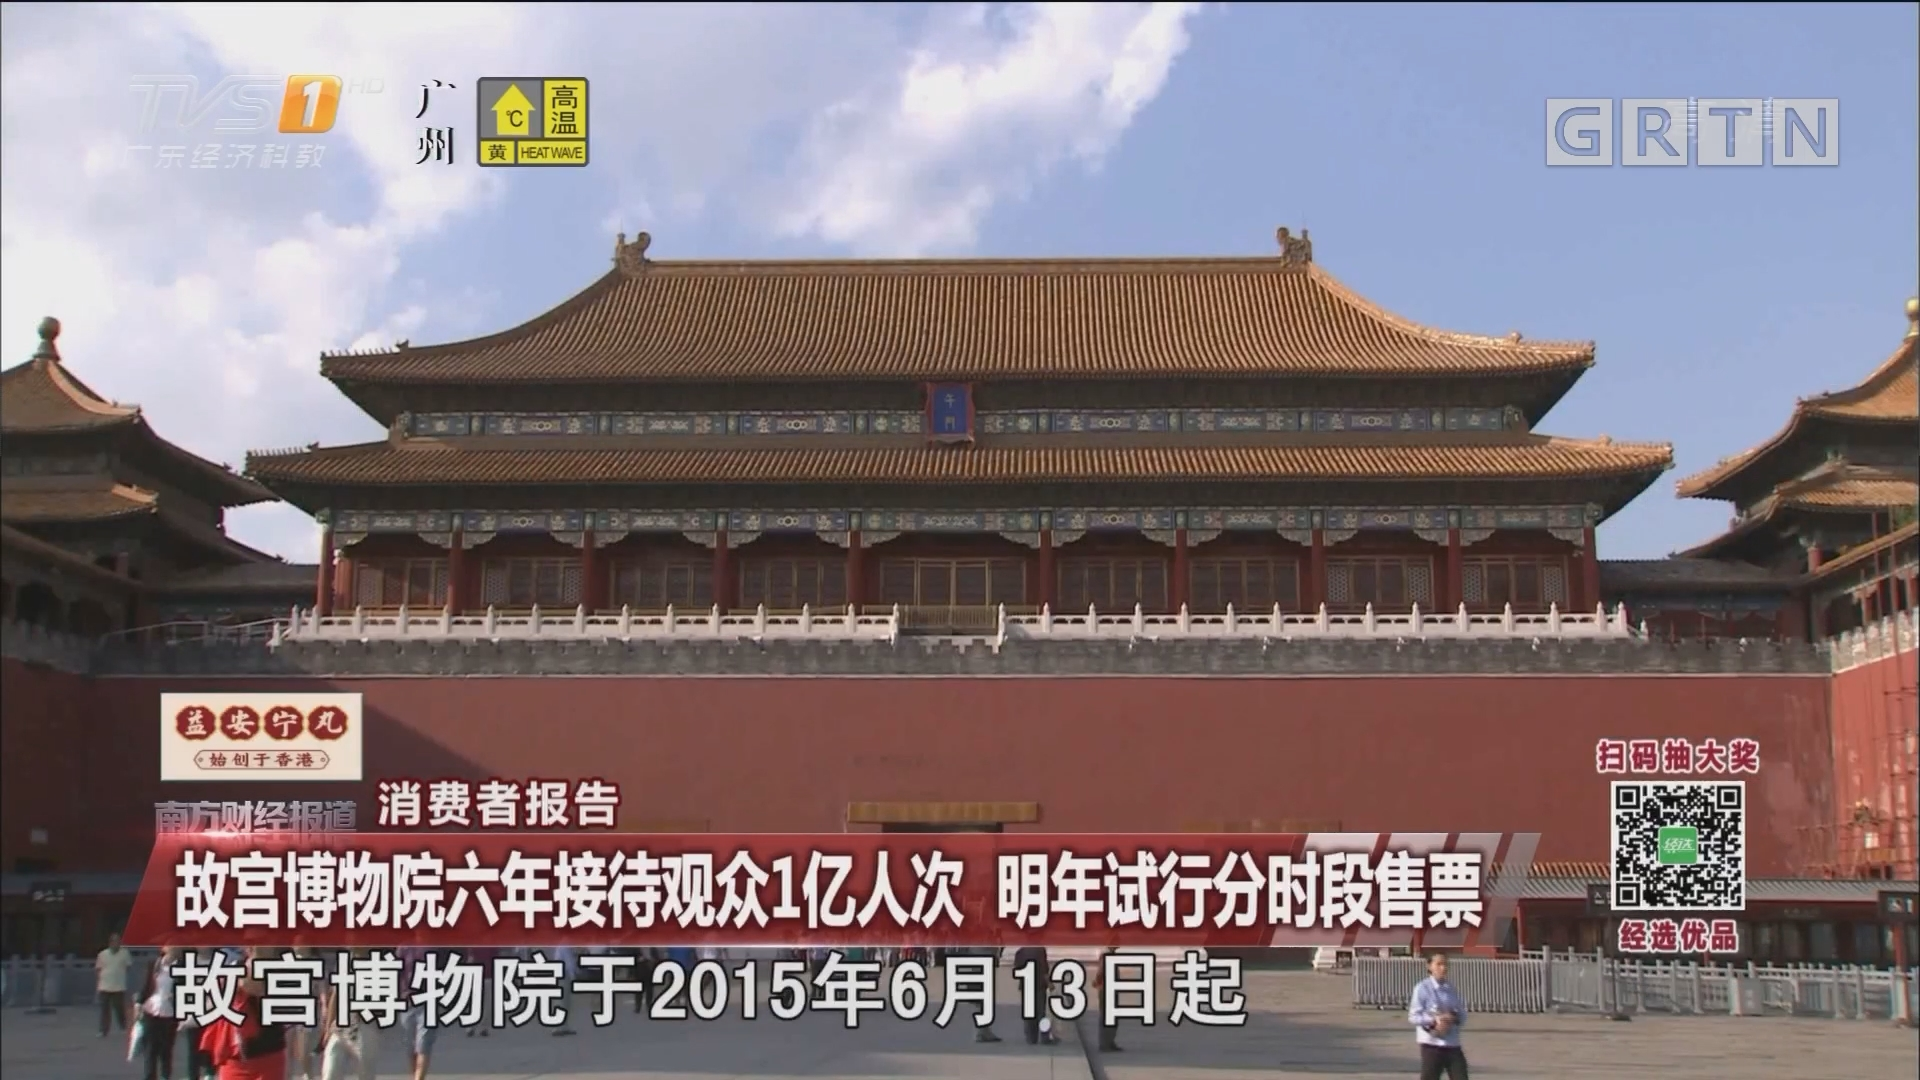 故宫博物院六年接待观众1亿人次 明年试行分时段售票